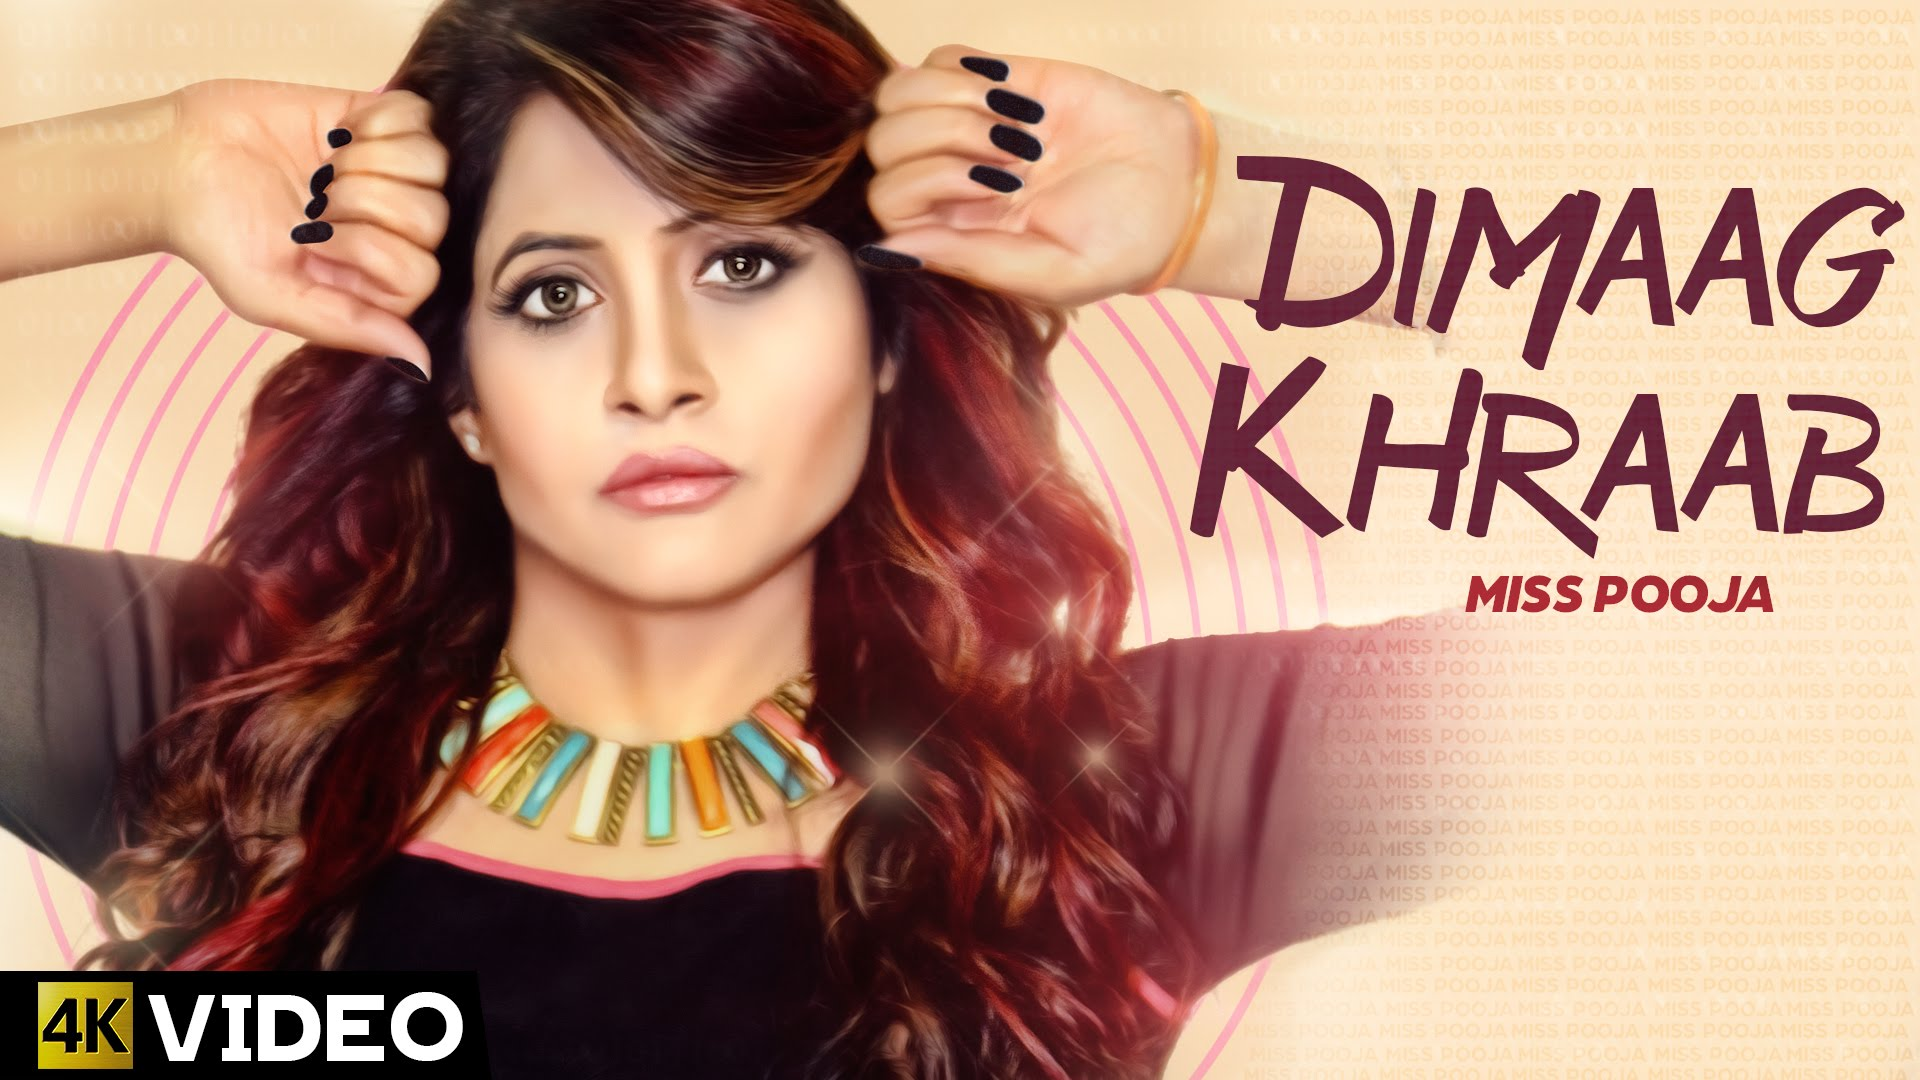 Miss Pooja   Dimaag Khraab   Desi Boxcom 1920x1080